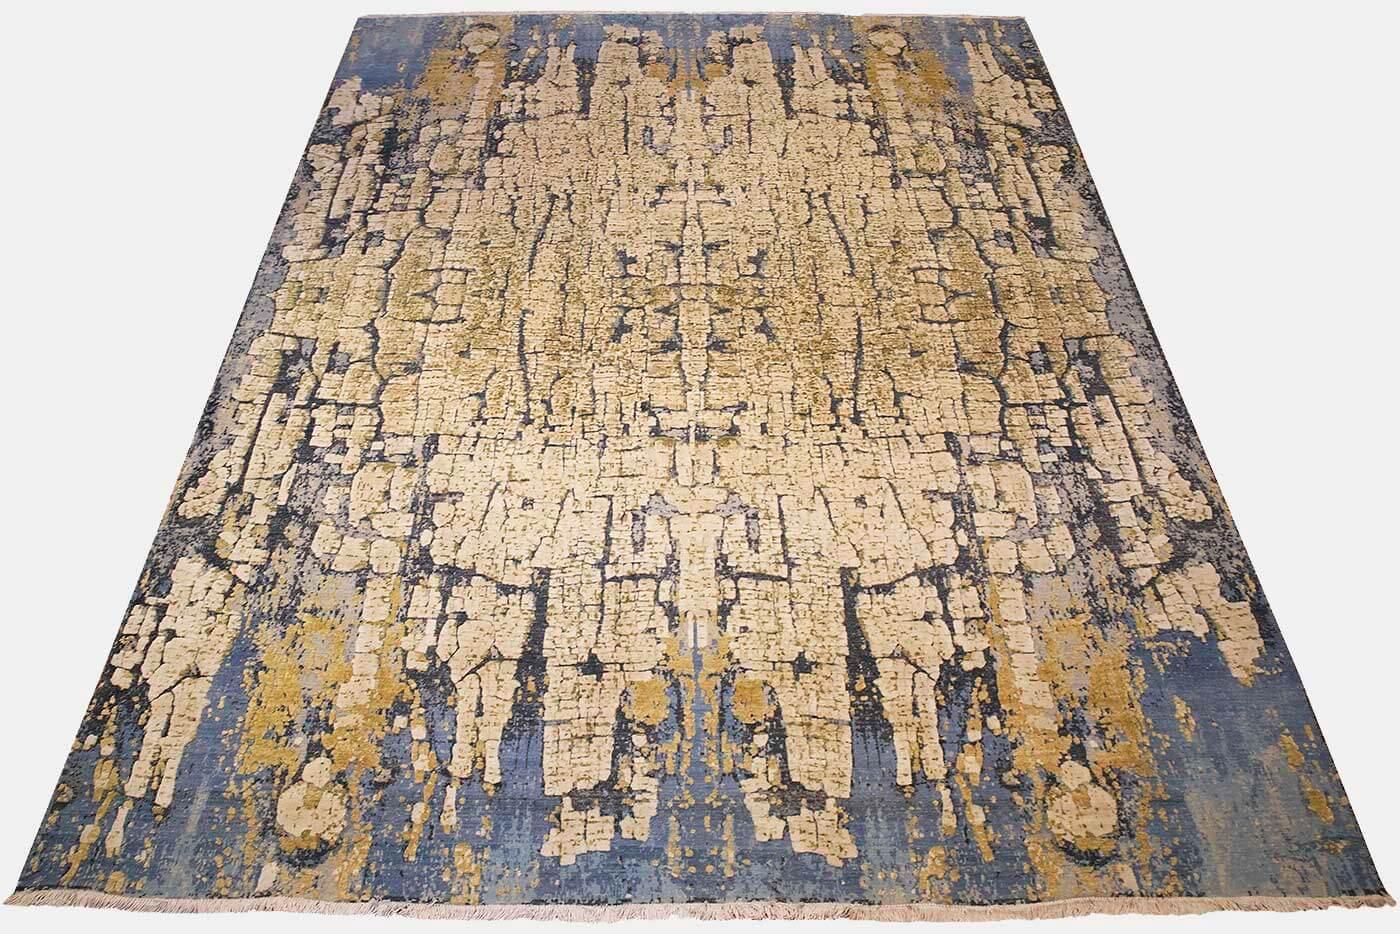 chelsea_design_oxidised_tapijt_moderne_tapijten_koreman_maastricht_305x244_blauw_creme_beige_persp